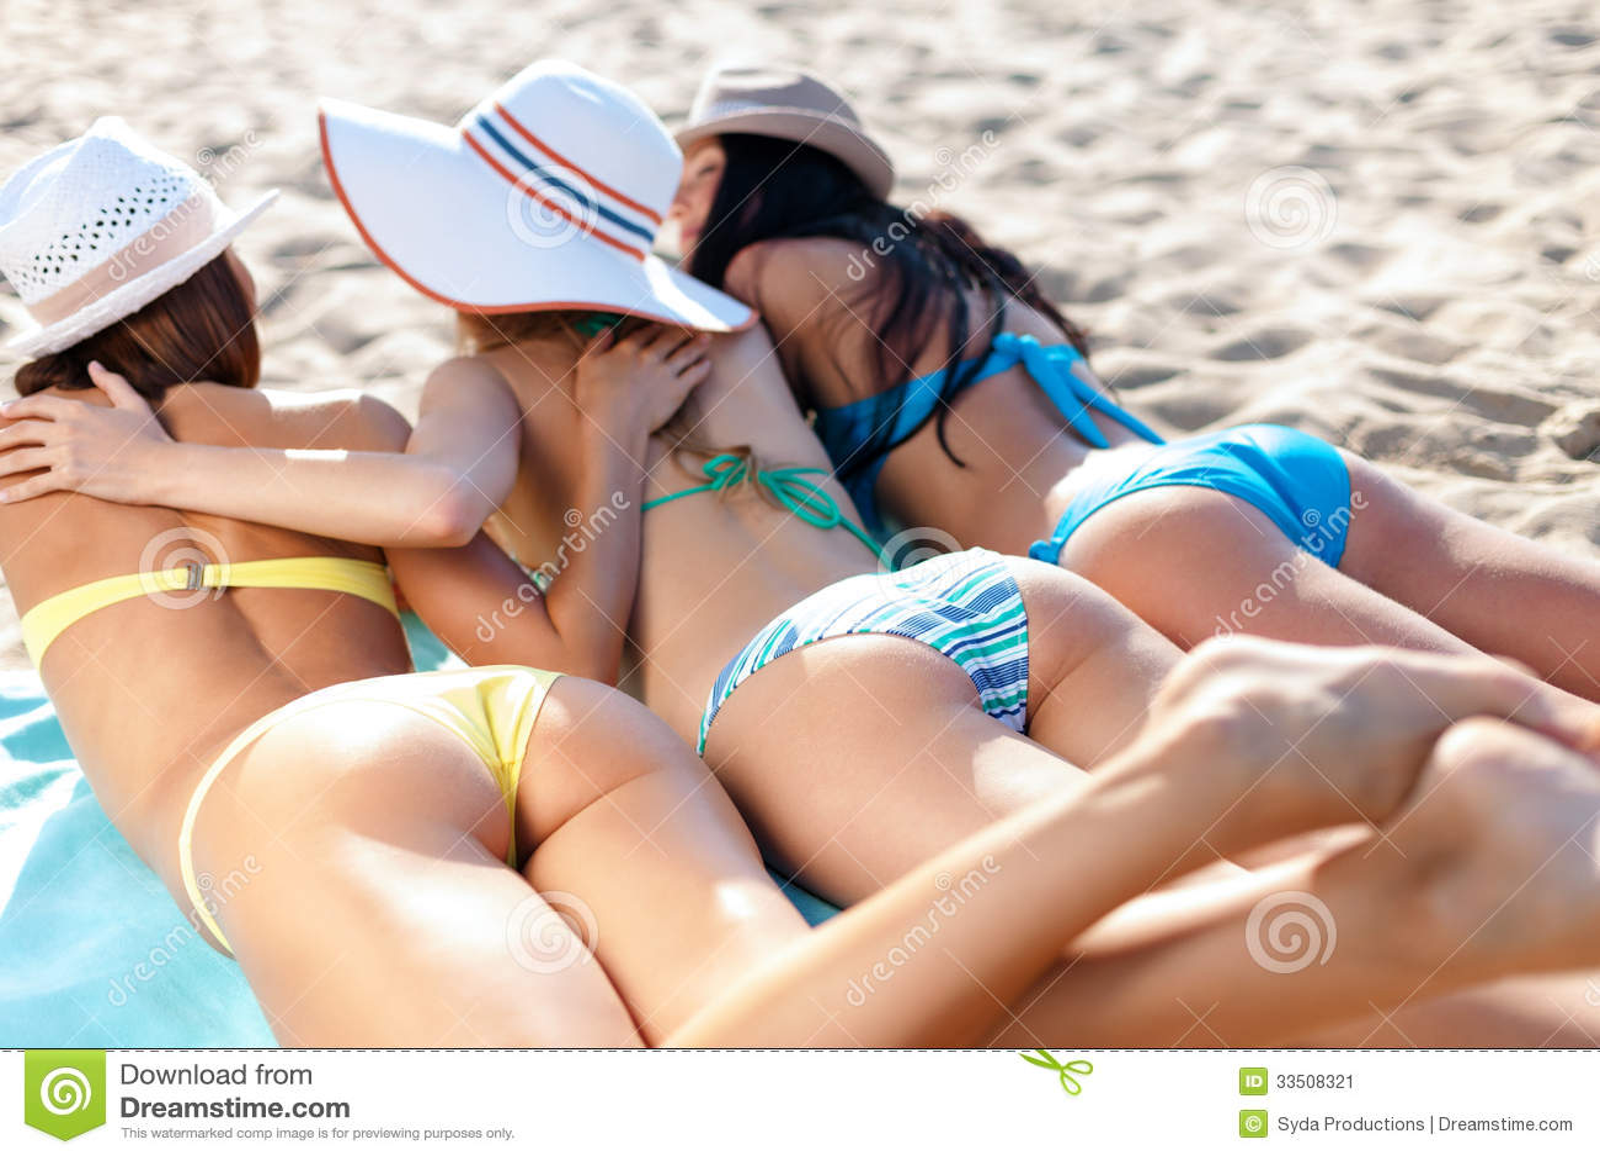 Девушки загорают на пляже фото